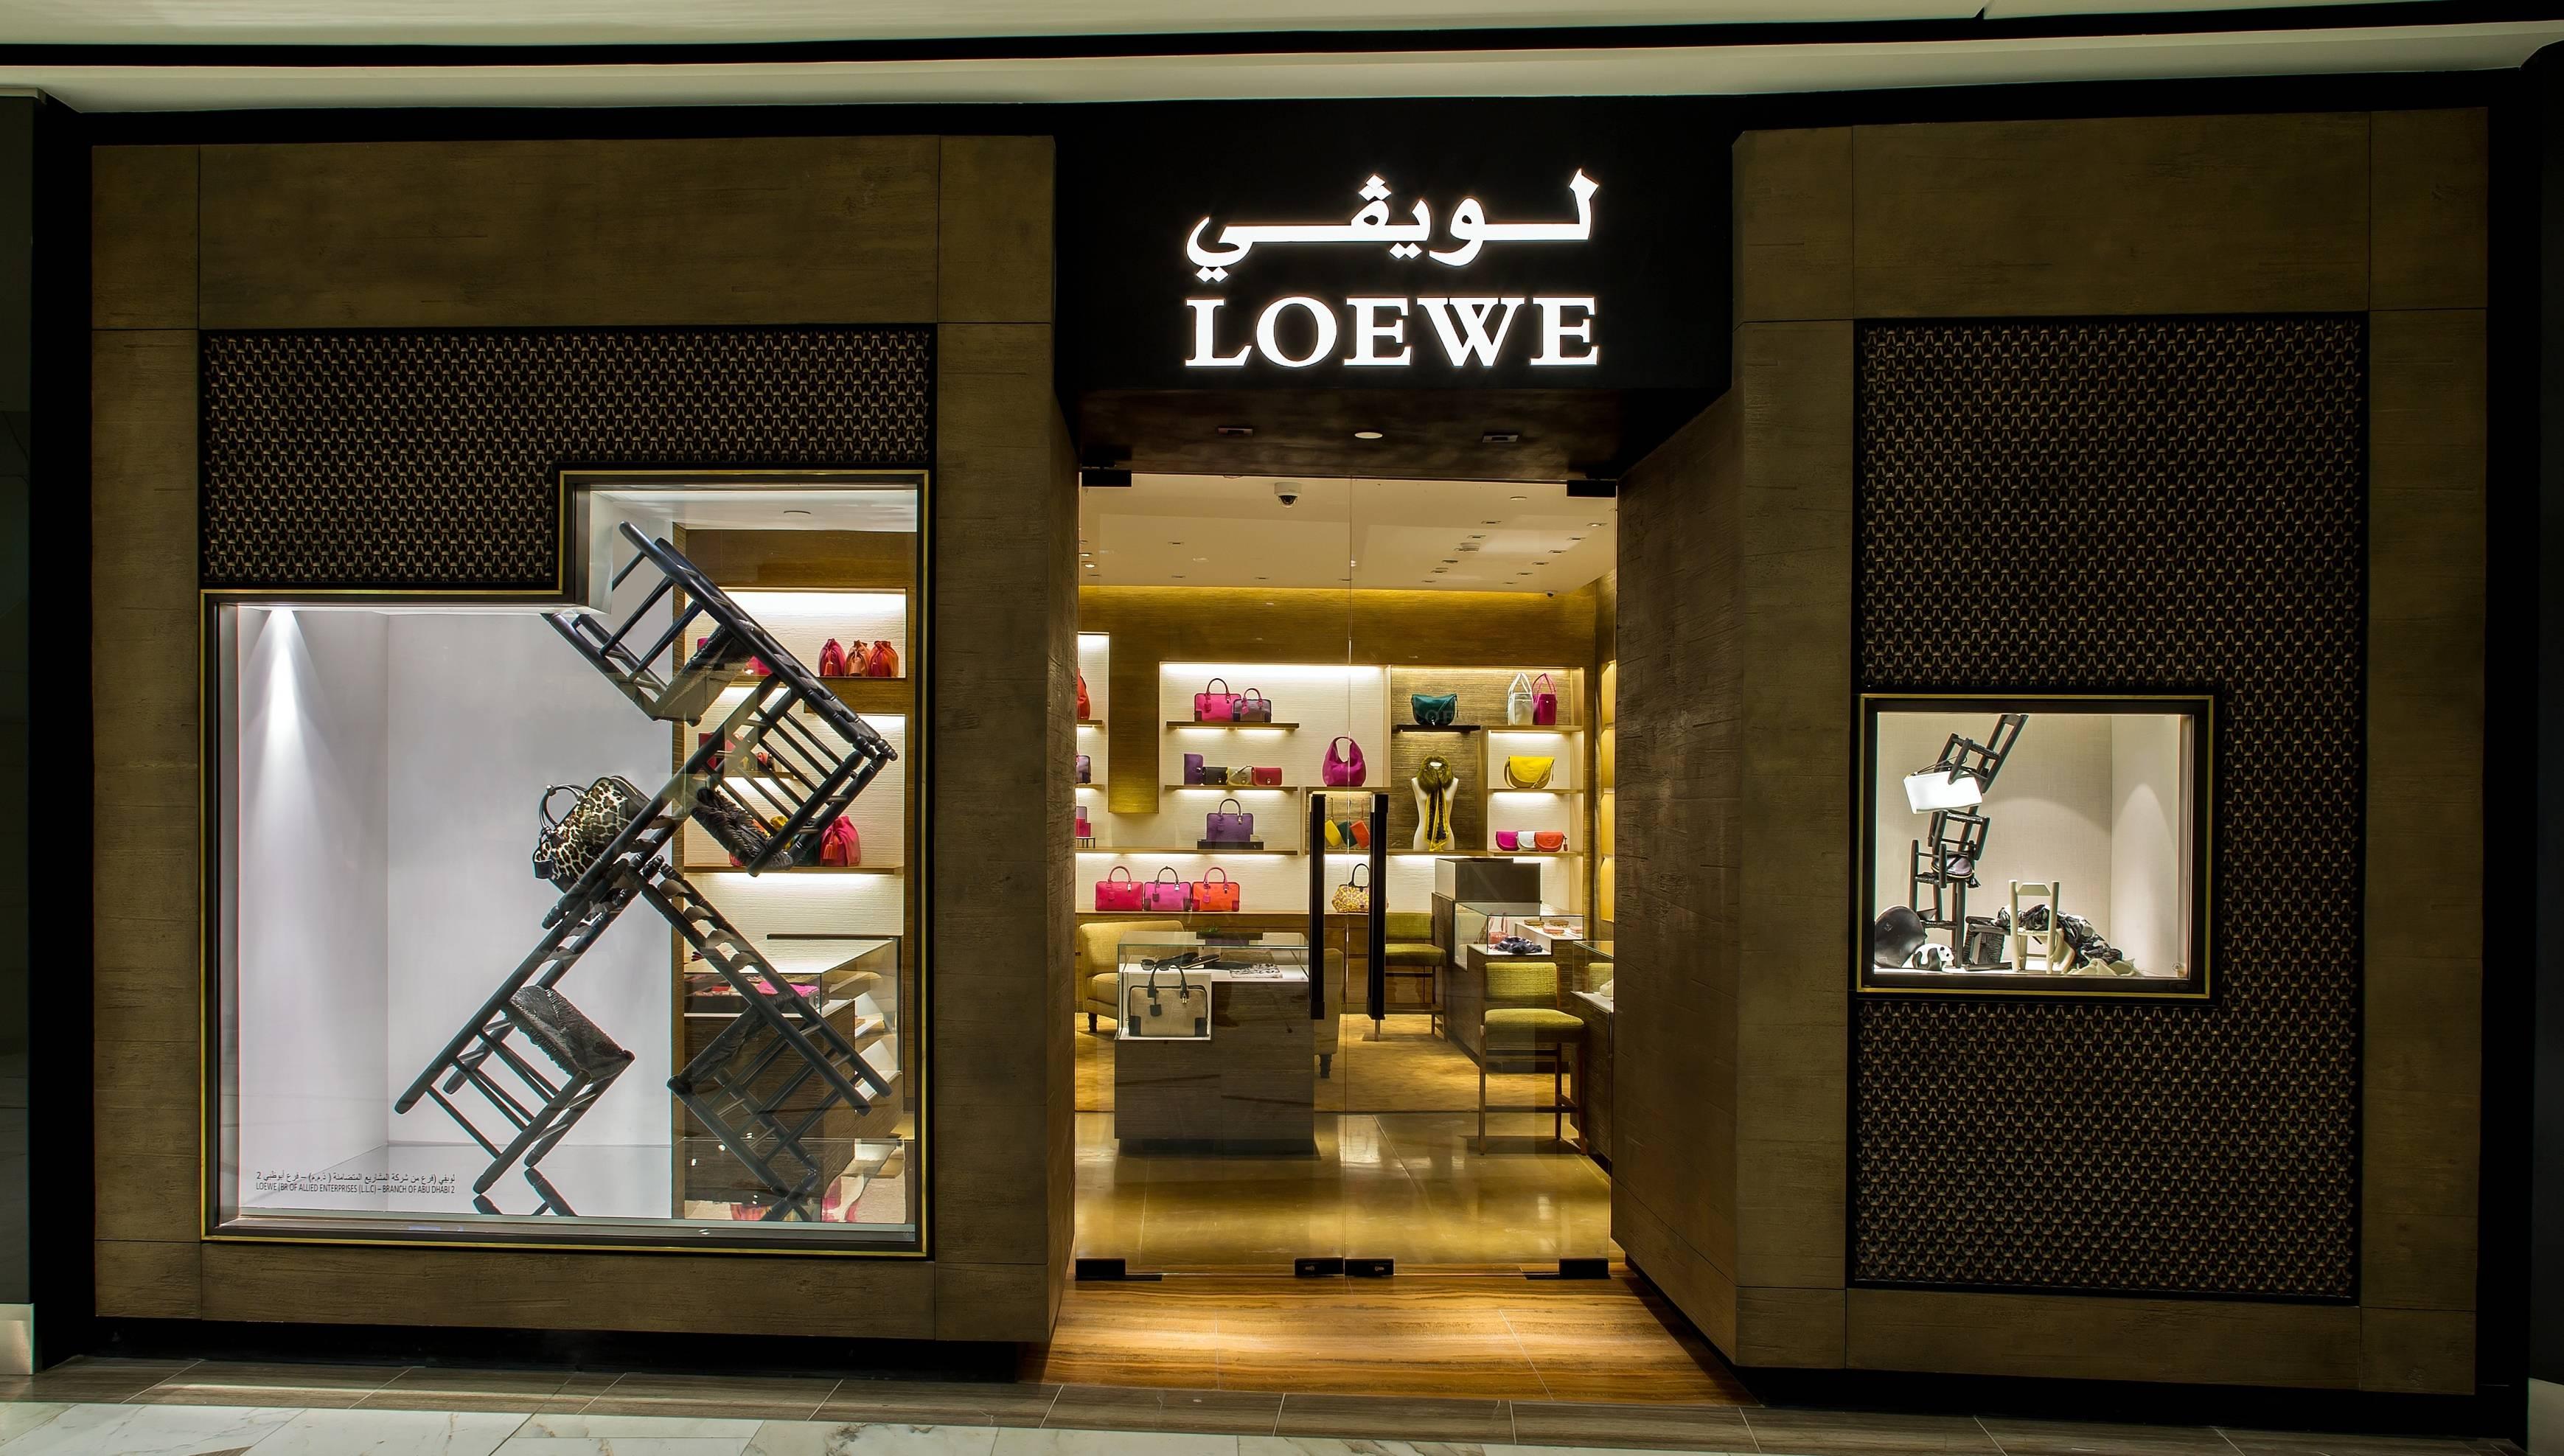 Loewe_Galleria Mall AD_August 2013_001 (2)